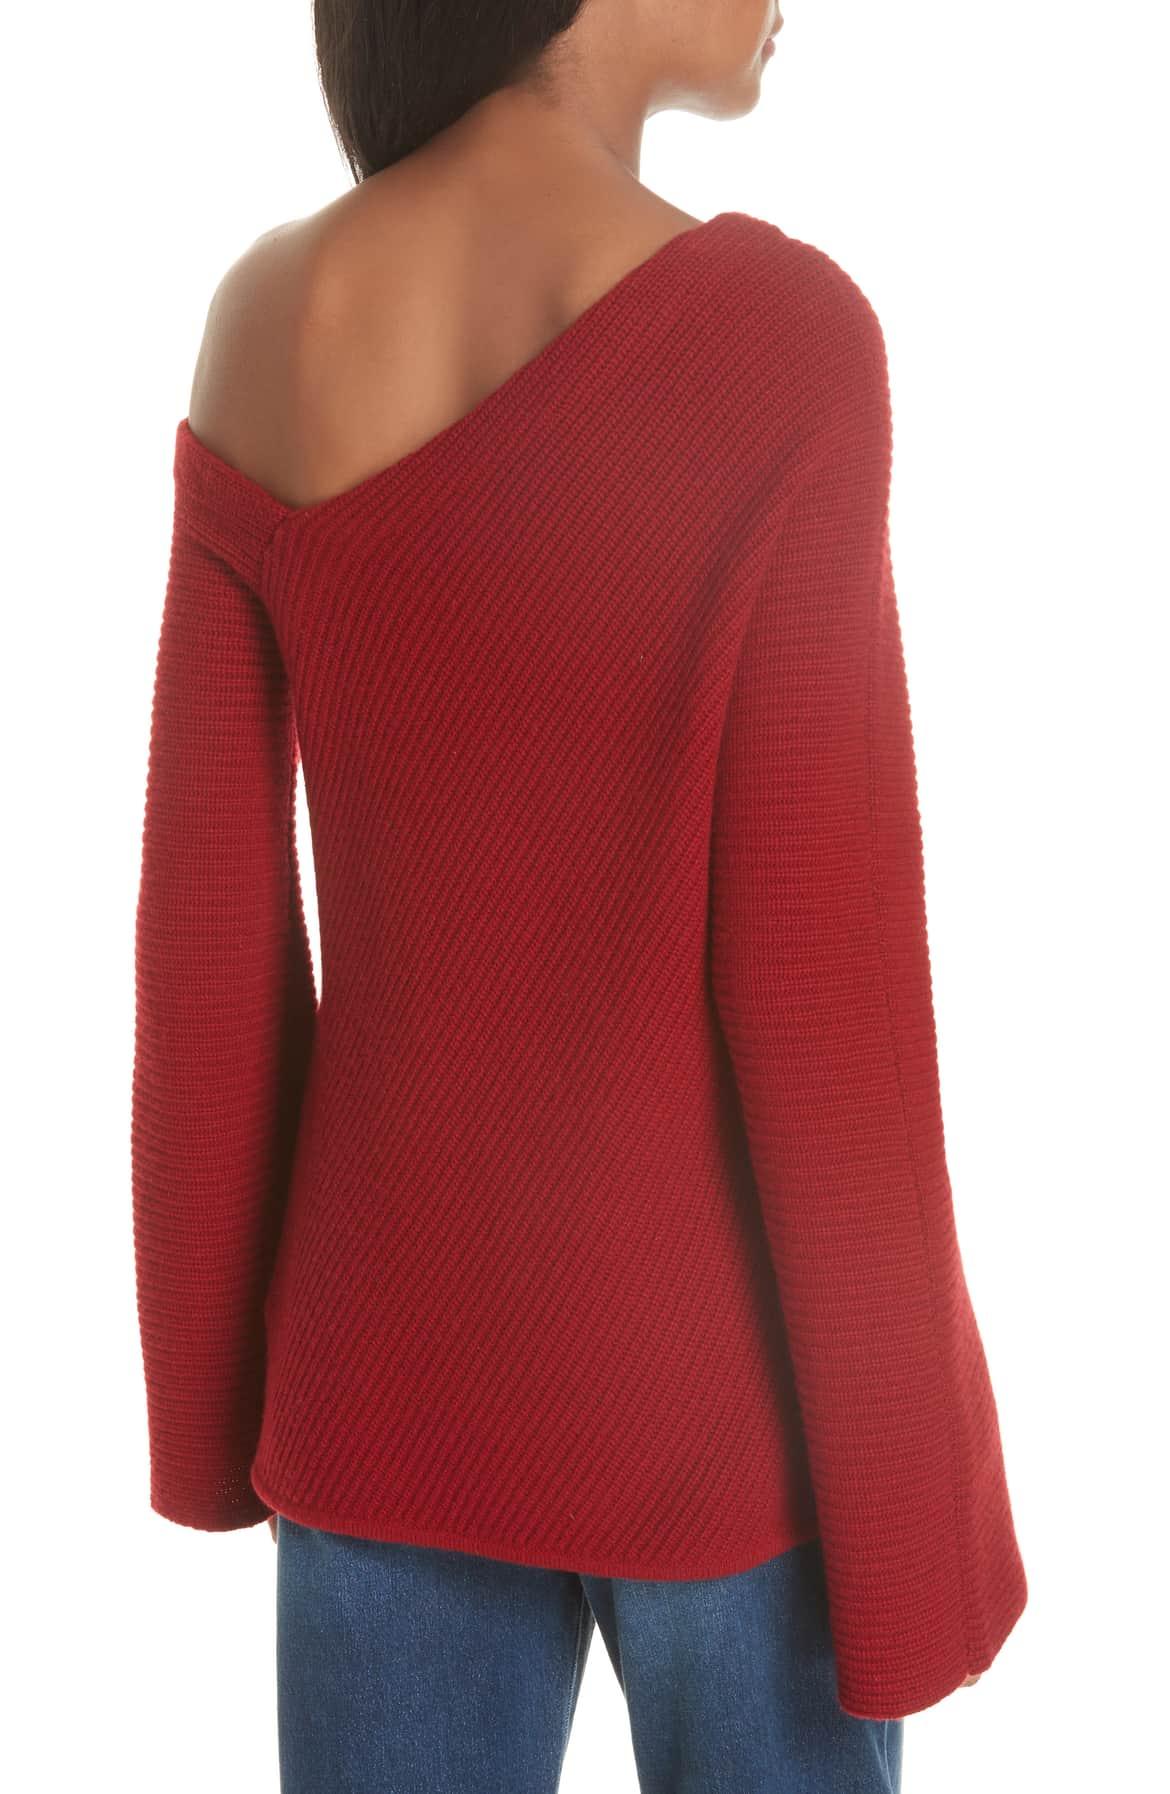 open back sweater one shoulder designer nordstrom